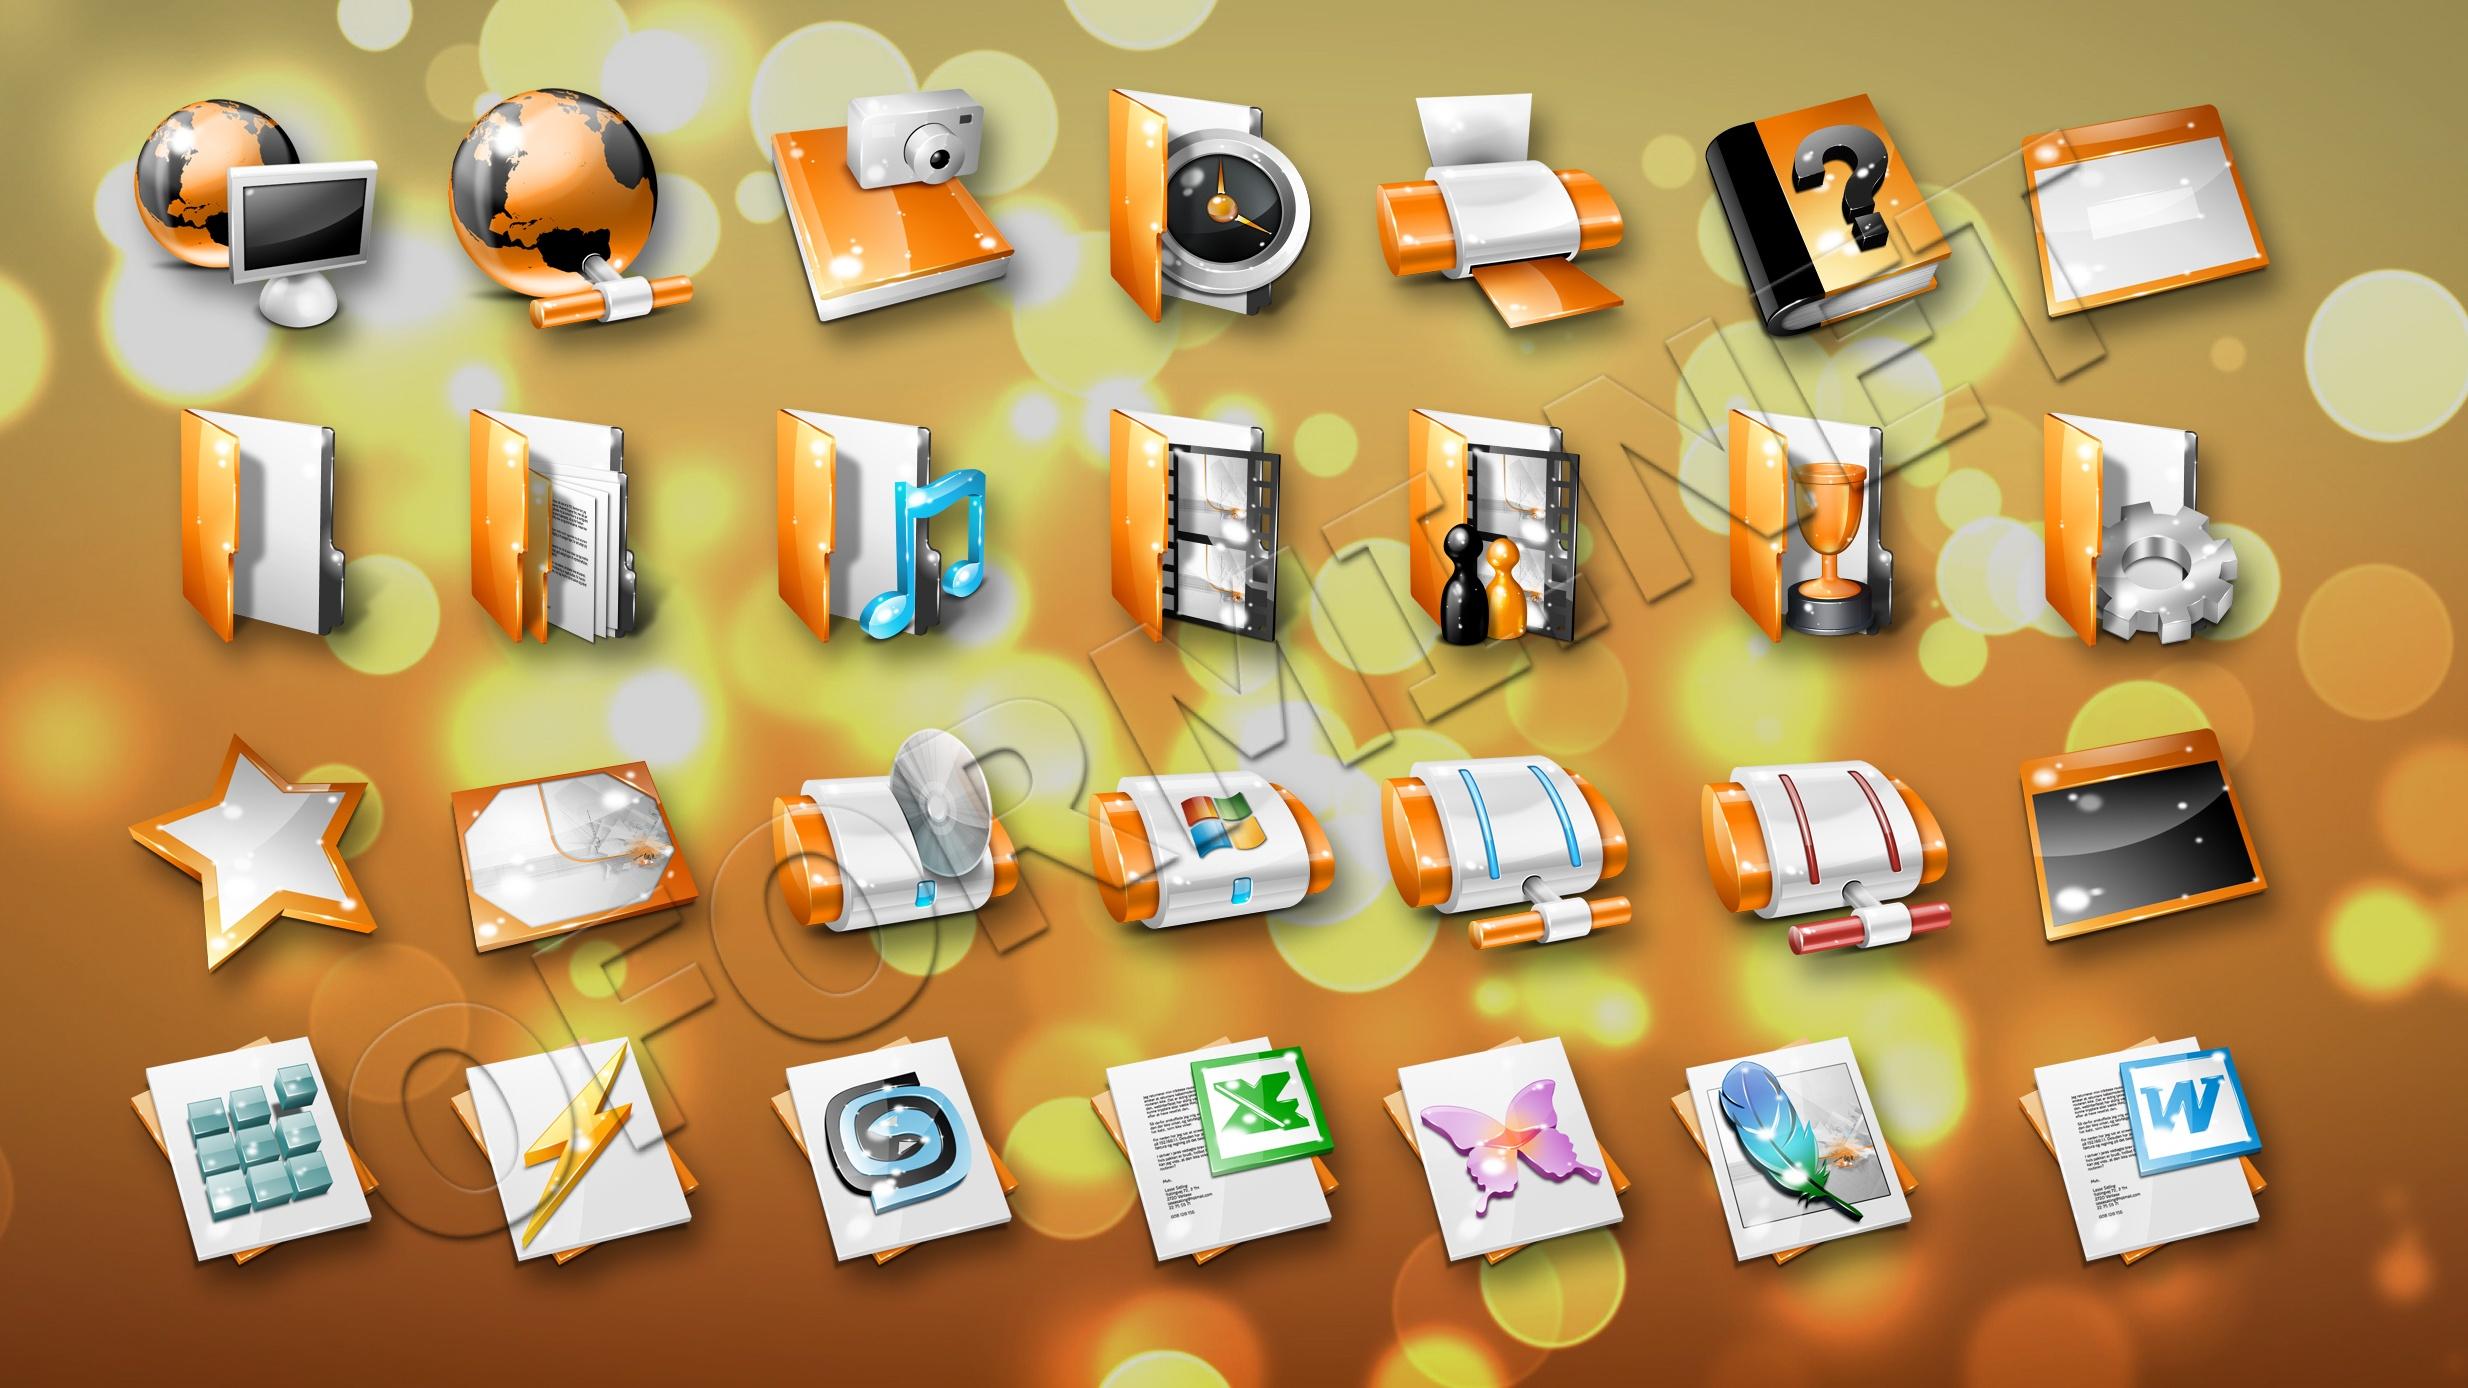 Как сделать иконки на рабочем столе поменьше